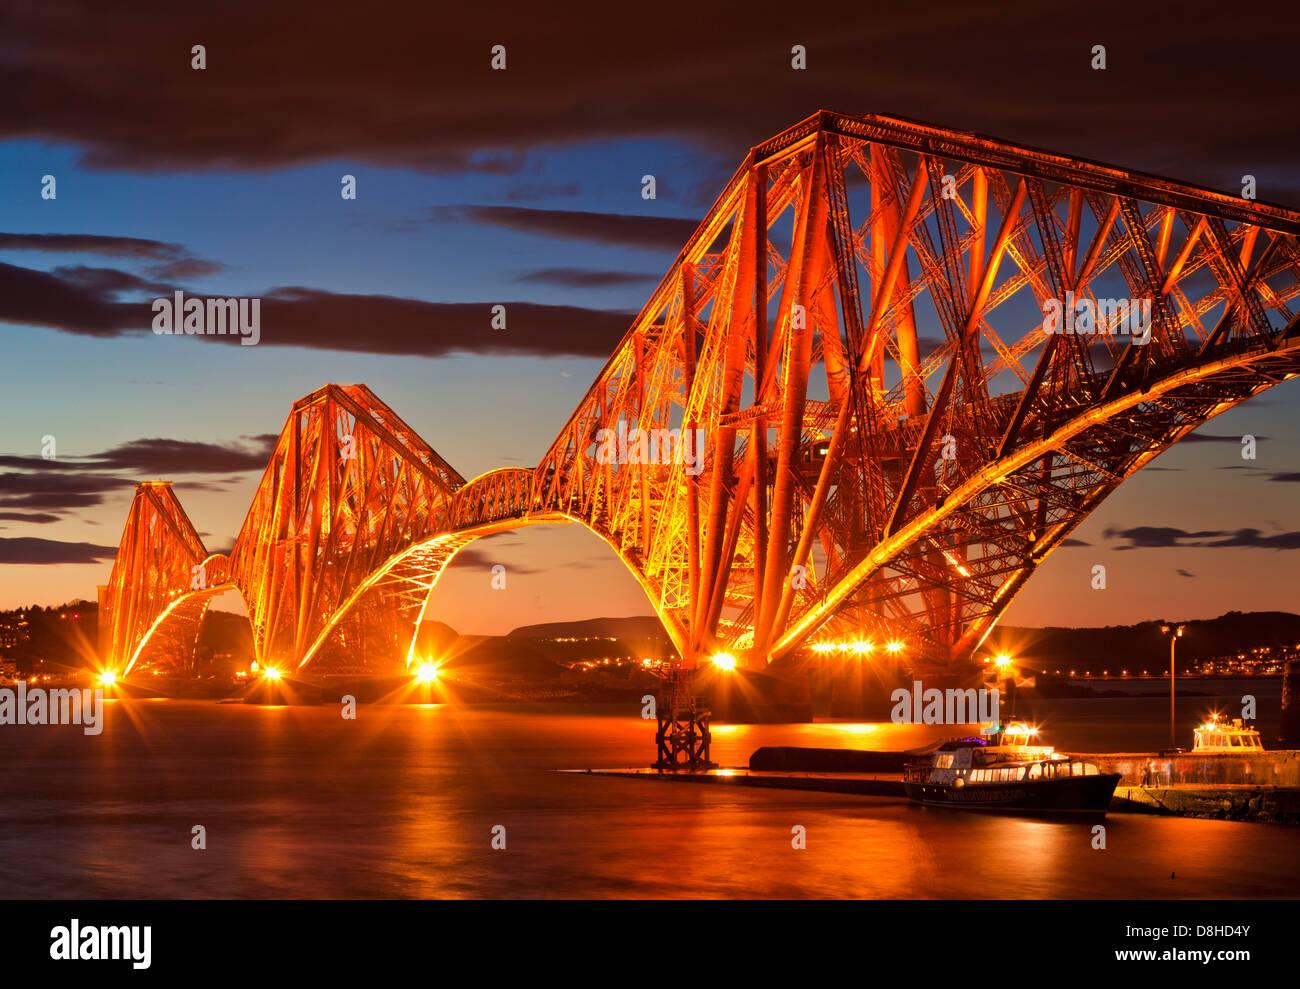 Weiter Bahn Brücke beleuchtet bei Nacht South Queensferry Edinburgh Midlothian Schottland Großbritannien Stockbild